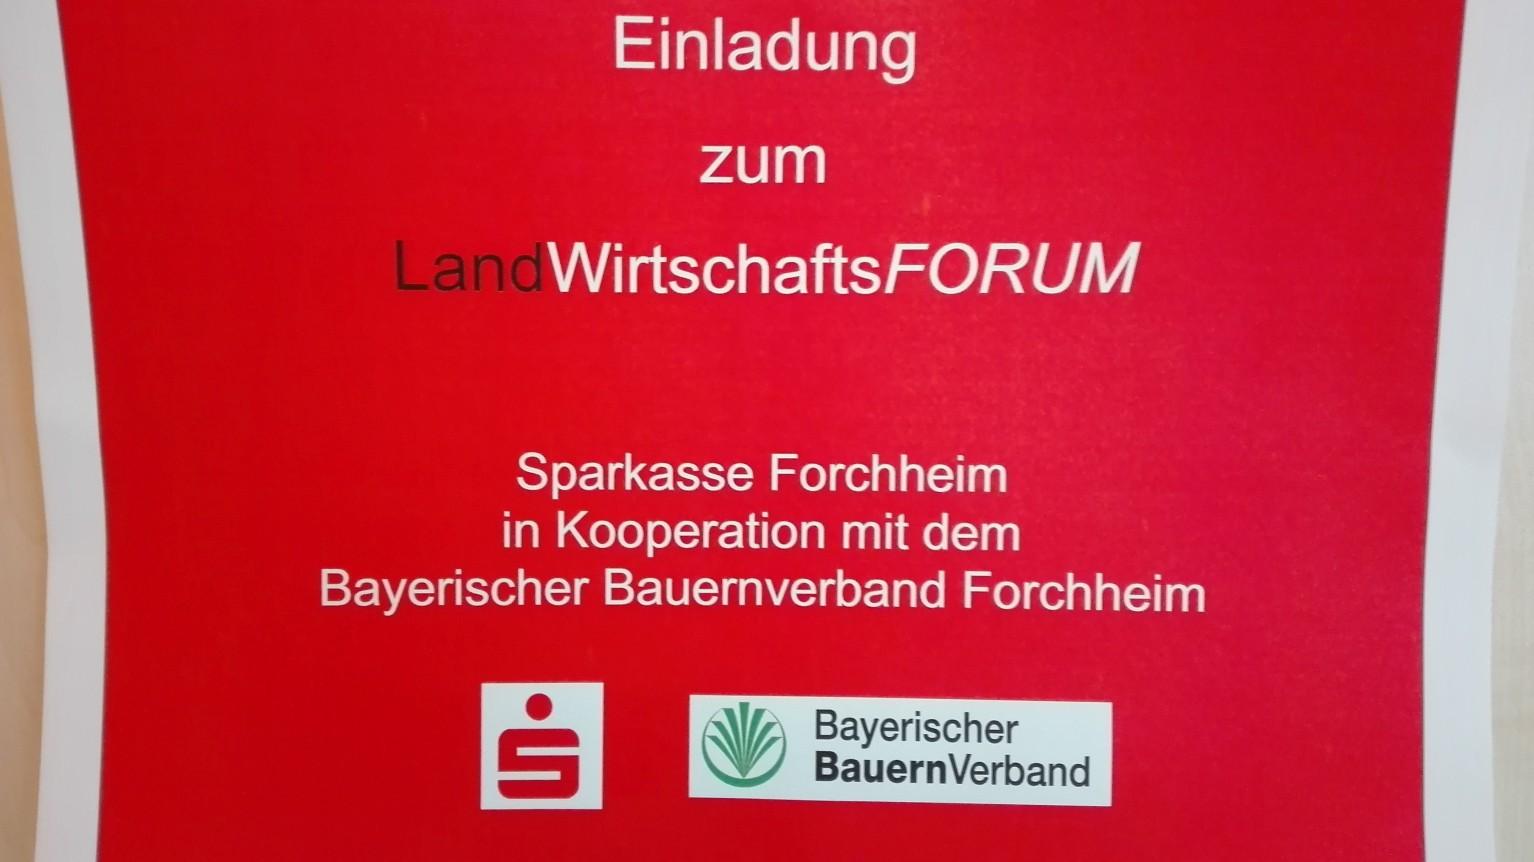 Landwirtschaftsforum